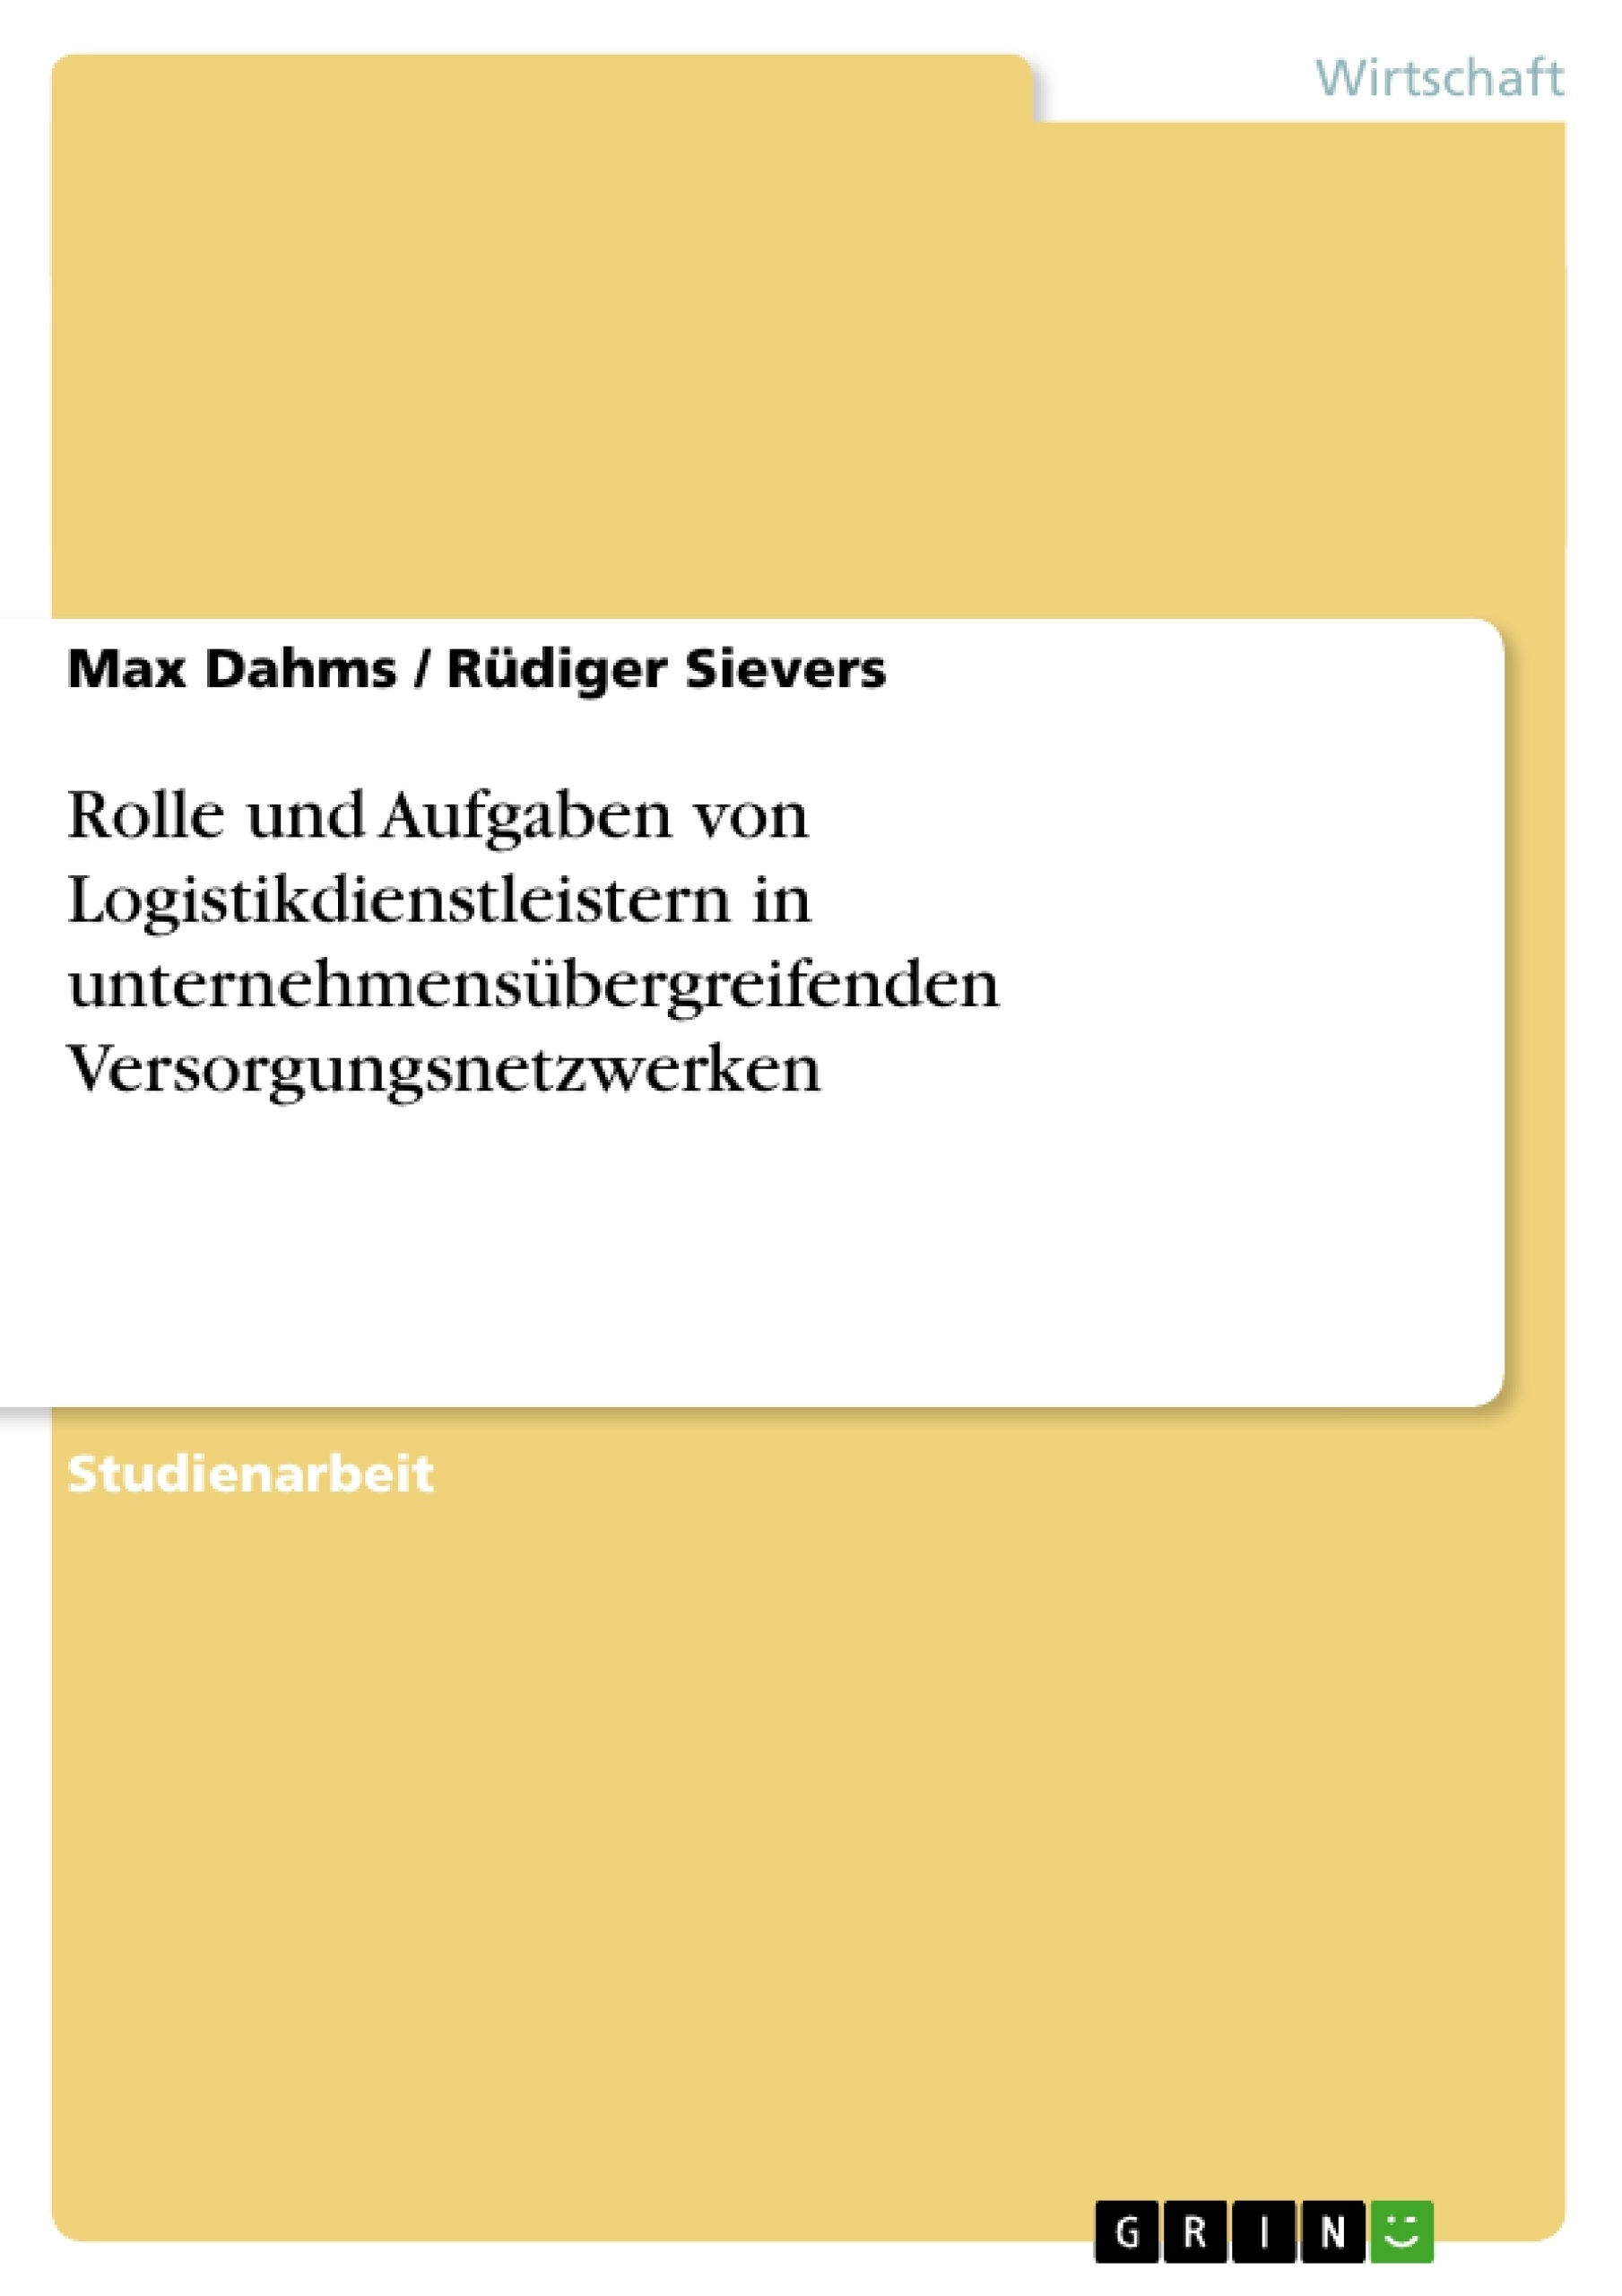 Titel: Rolle und Aufgaben von Logistikdienstleistern in unternehmensübergreifenden Versorgungsnetzwerken